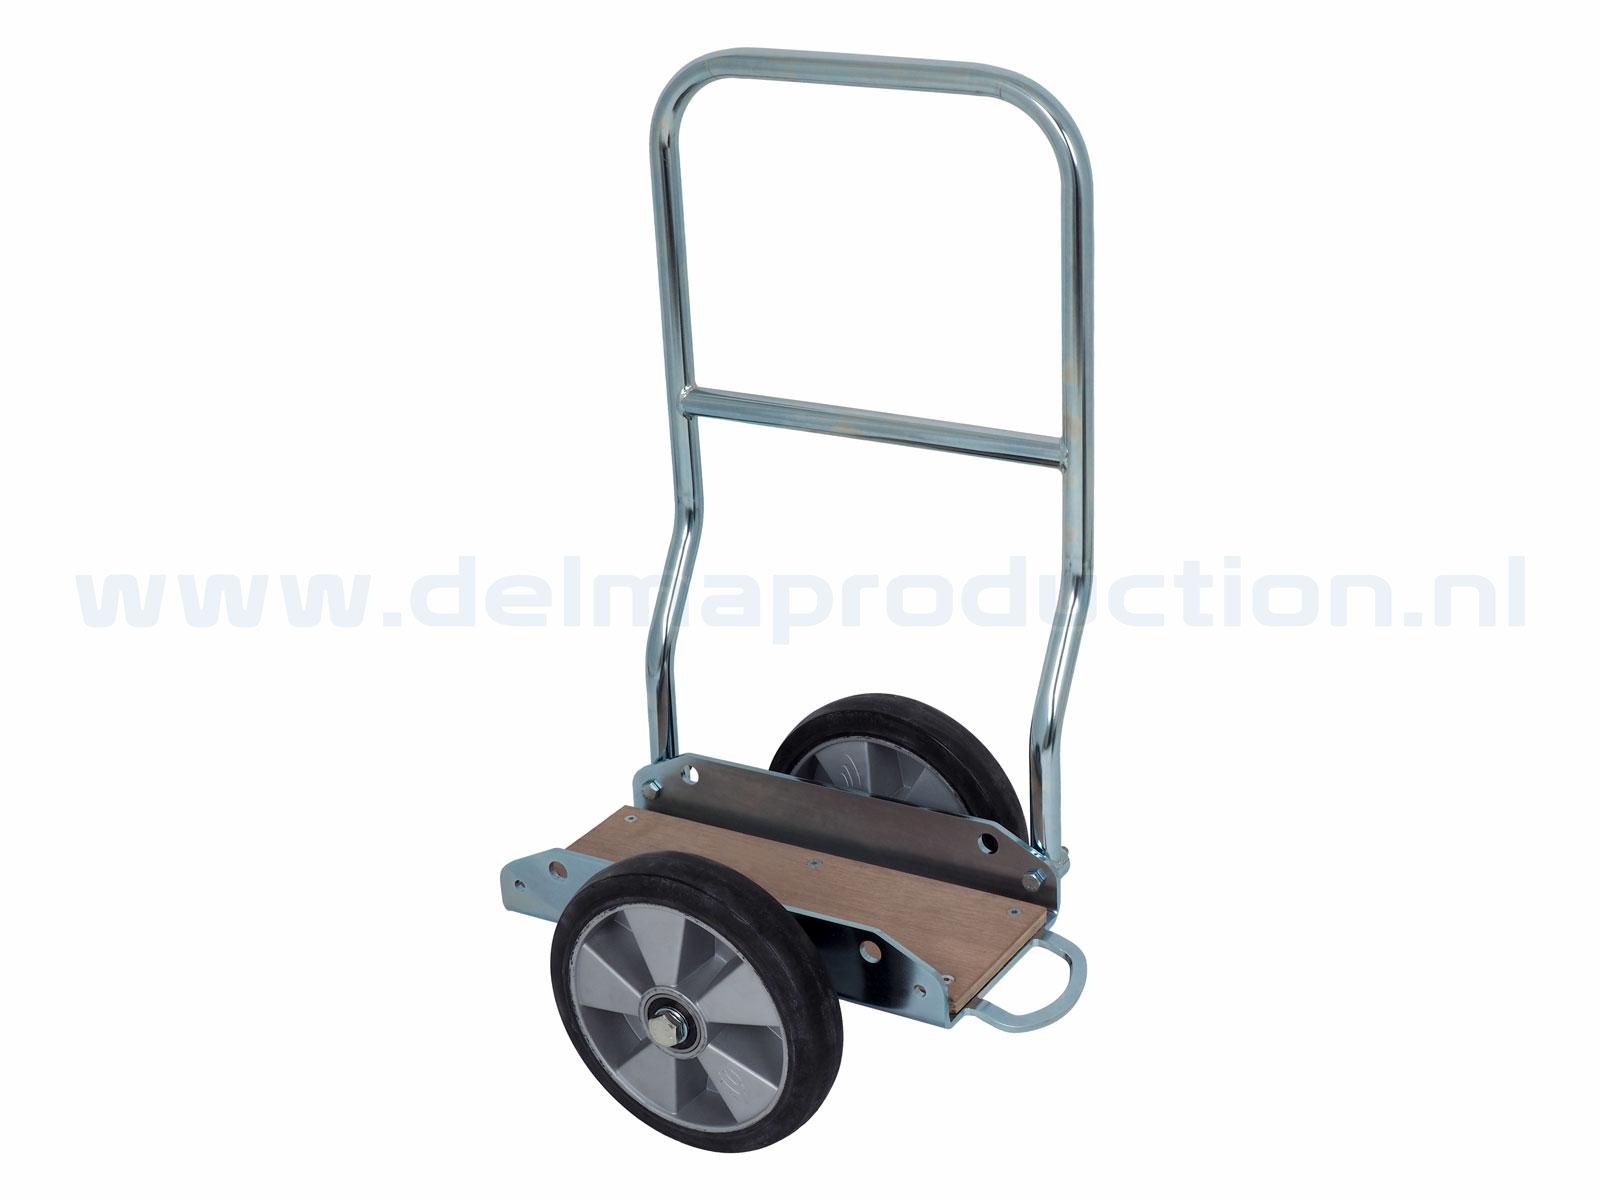 Zwaarlast transportwagen met duwbeugel (1250 kg)